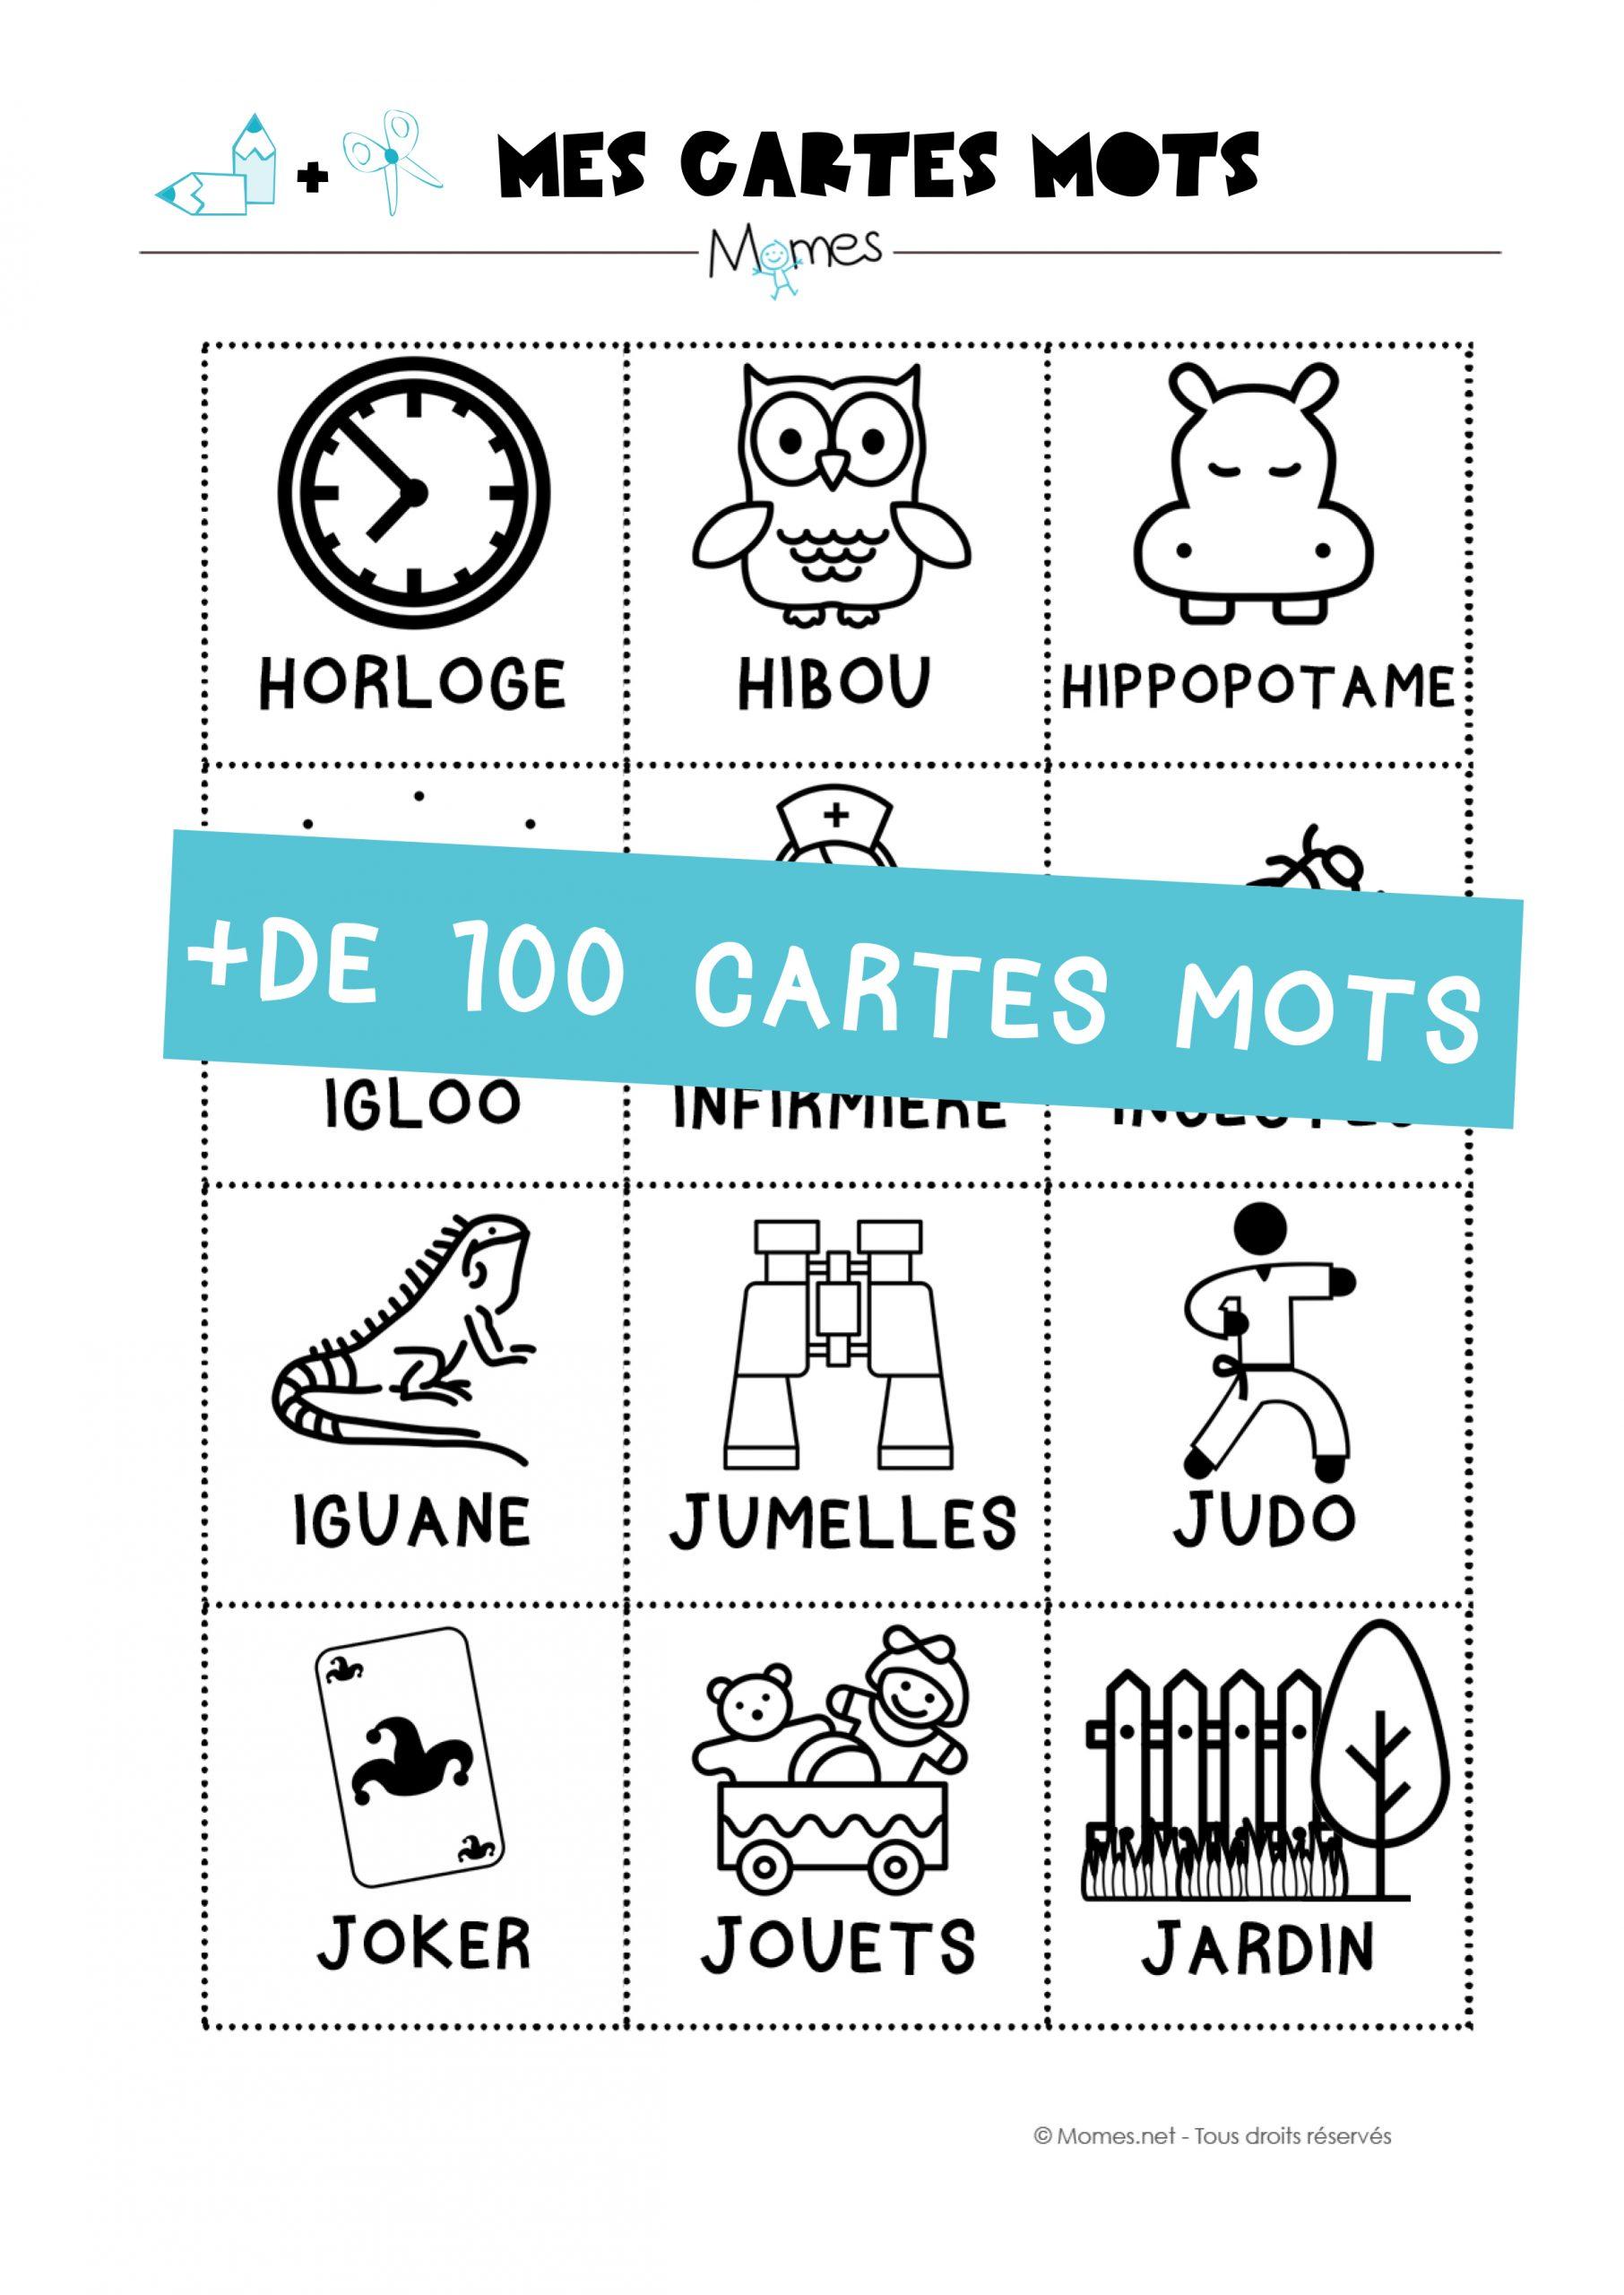 Les Cartes Mots - Imagier Maternelle - Momes avec Imagiers Maternelle